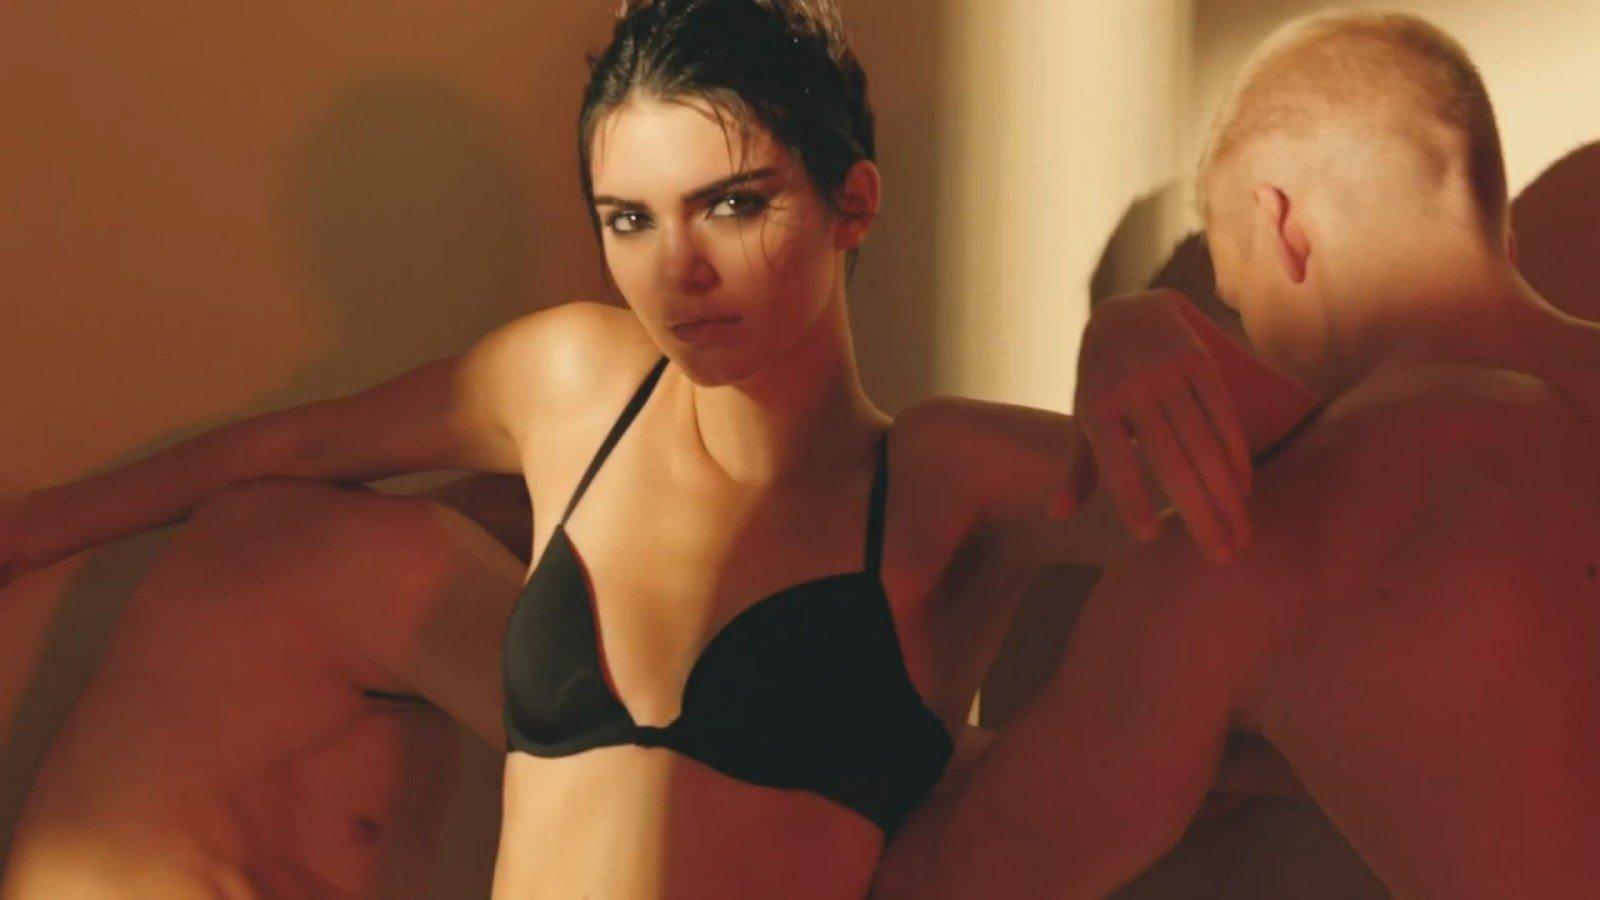 Кендалл Дженнер снялась для новой коллекции Calvin Klein